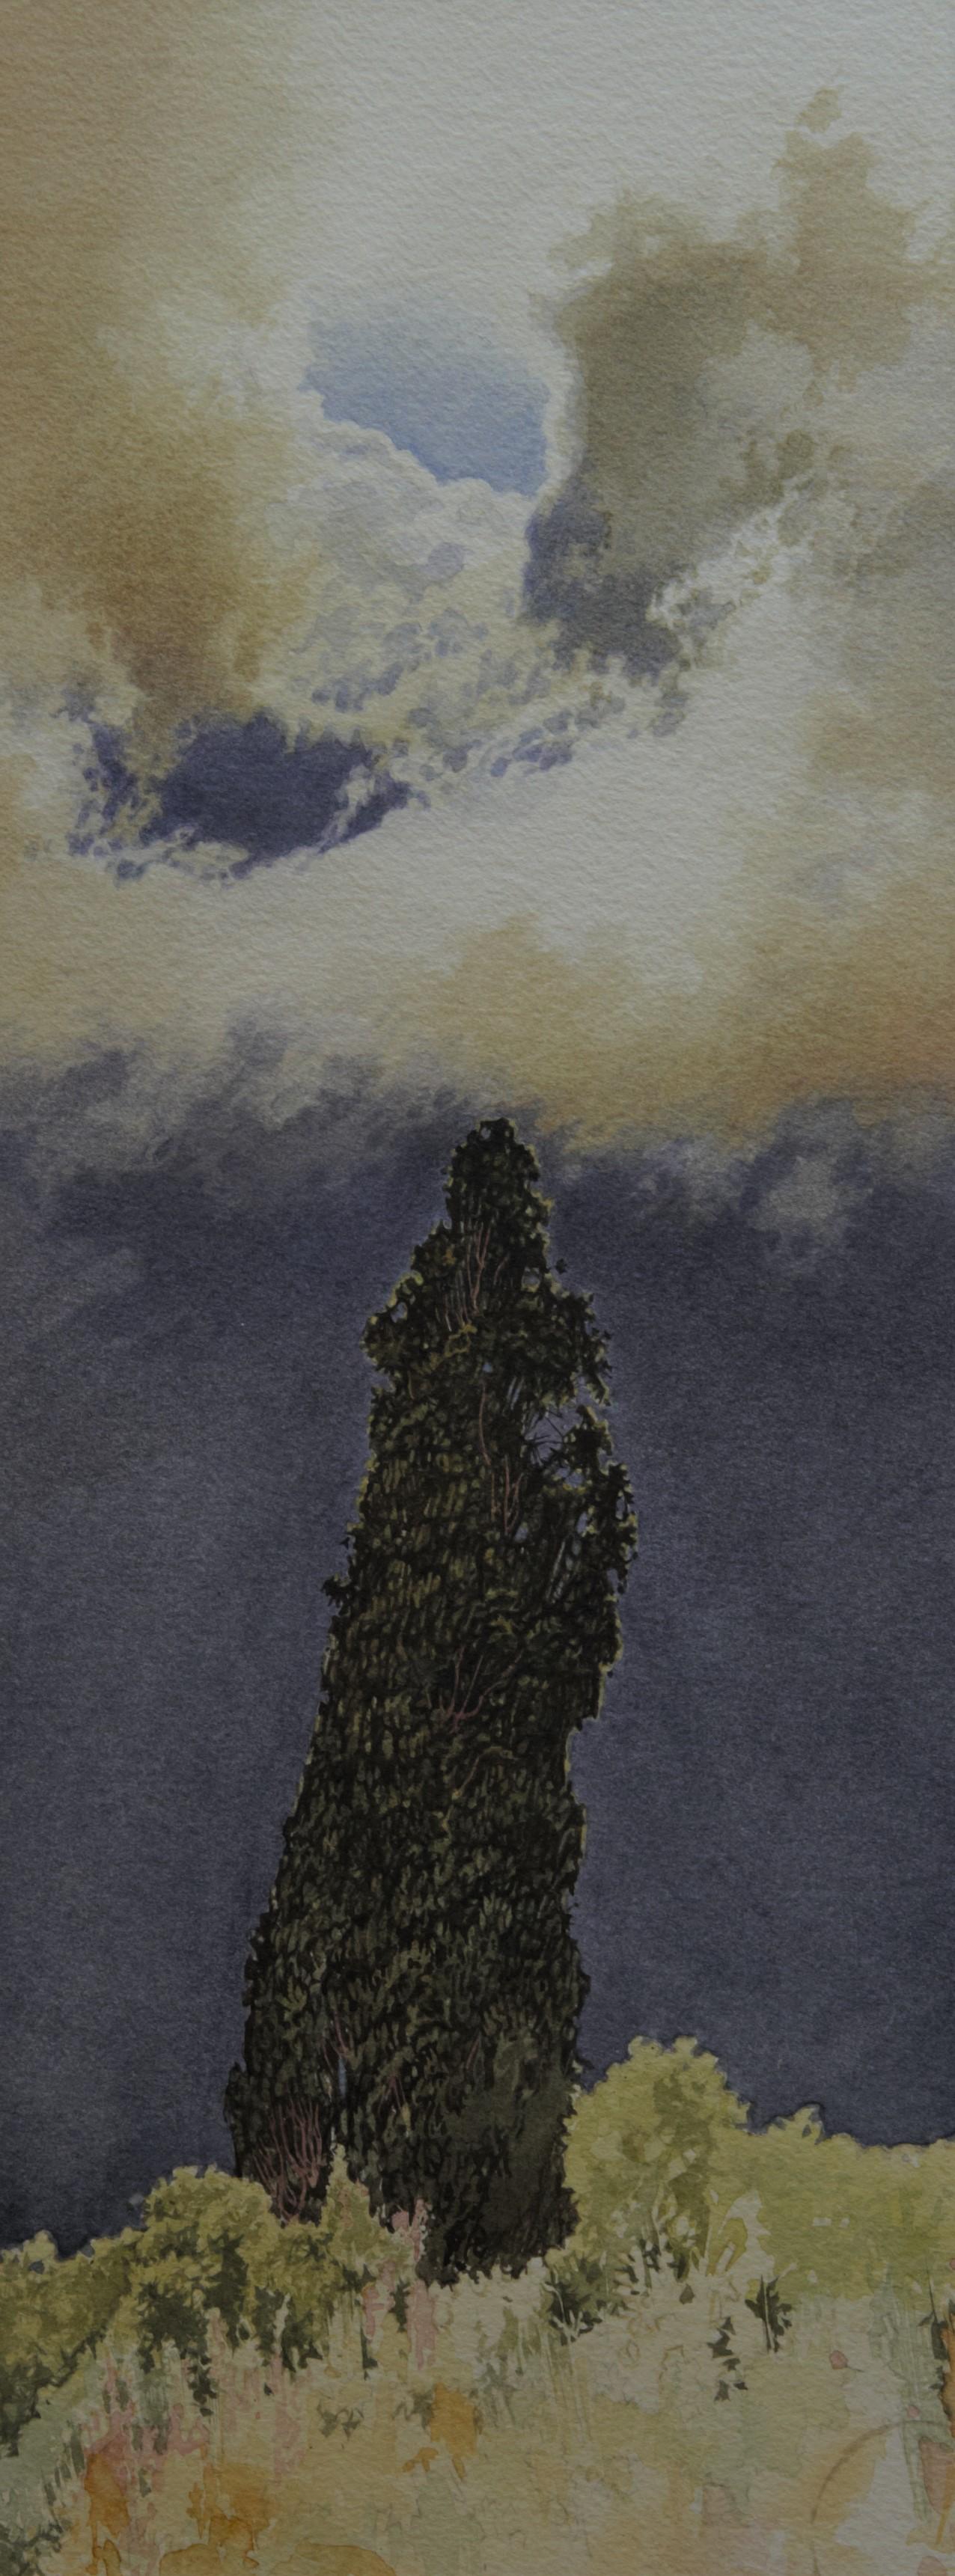 El ciprés de la Anunciada, obra del pintor Fernando Fueyo. | Autor: Fernando Fueyo